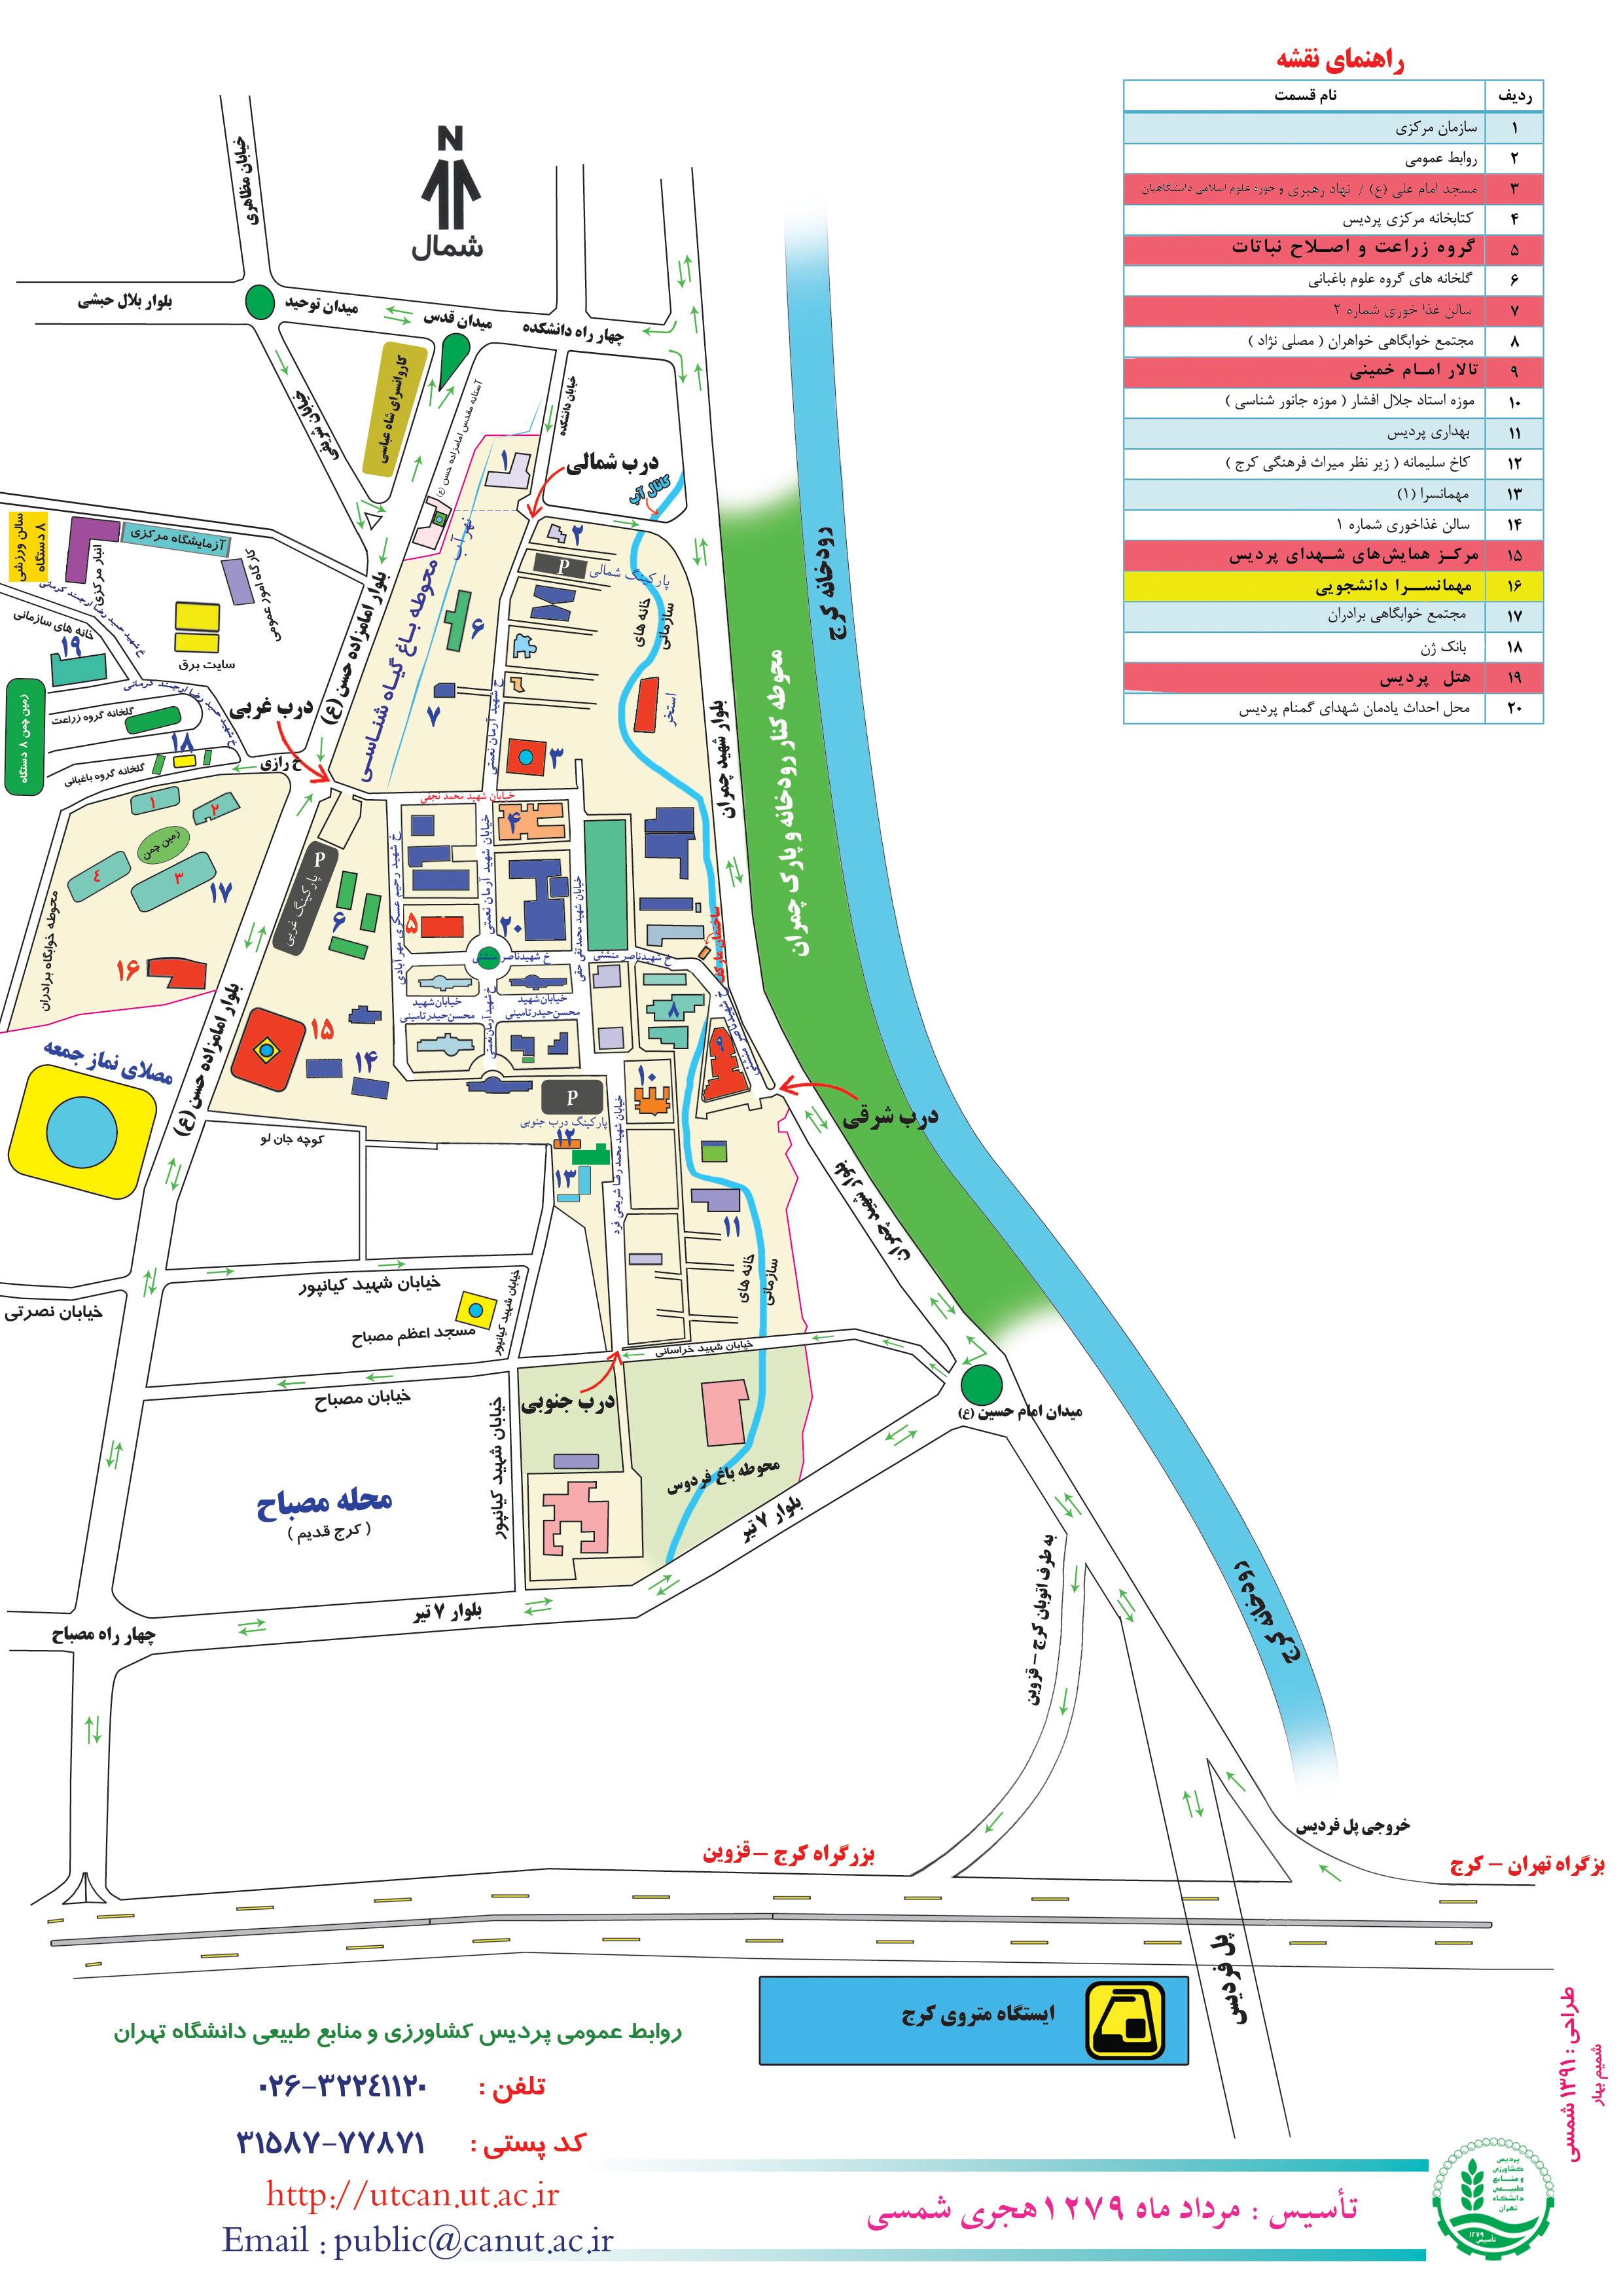 نقشه راهنمای پردیس کشاورزی و منابع طبیعی دانشگاه تهران